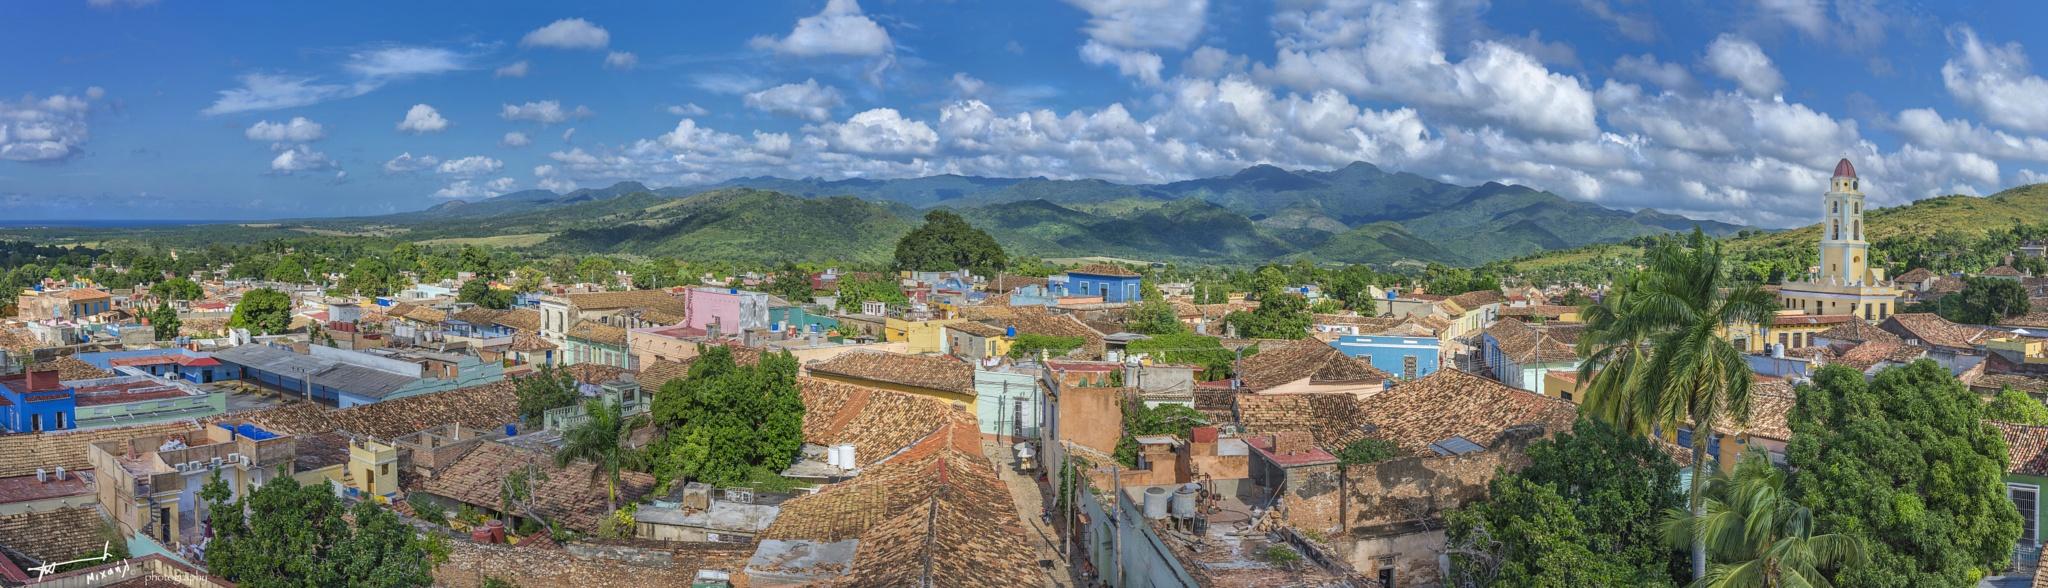 Sabor de Cuba (Trinidad) by Michail